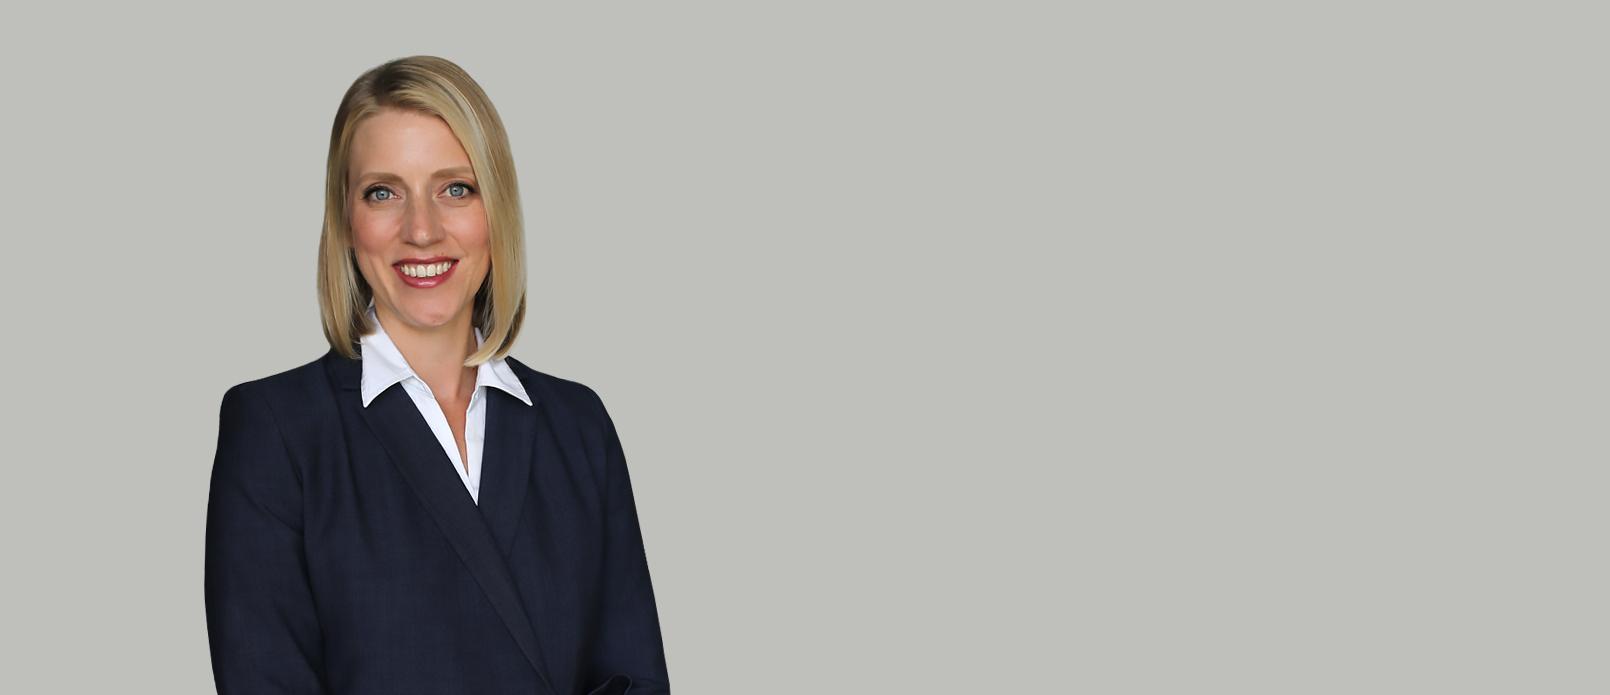 Kristin A. Baughman